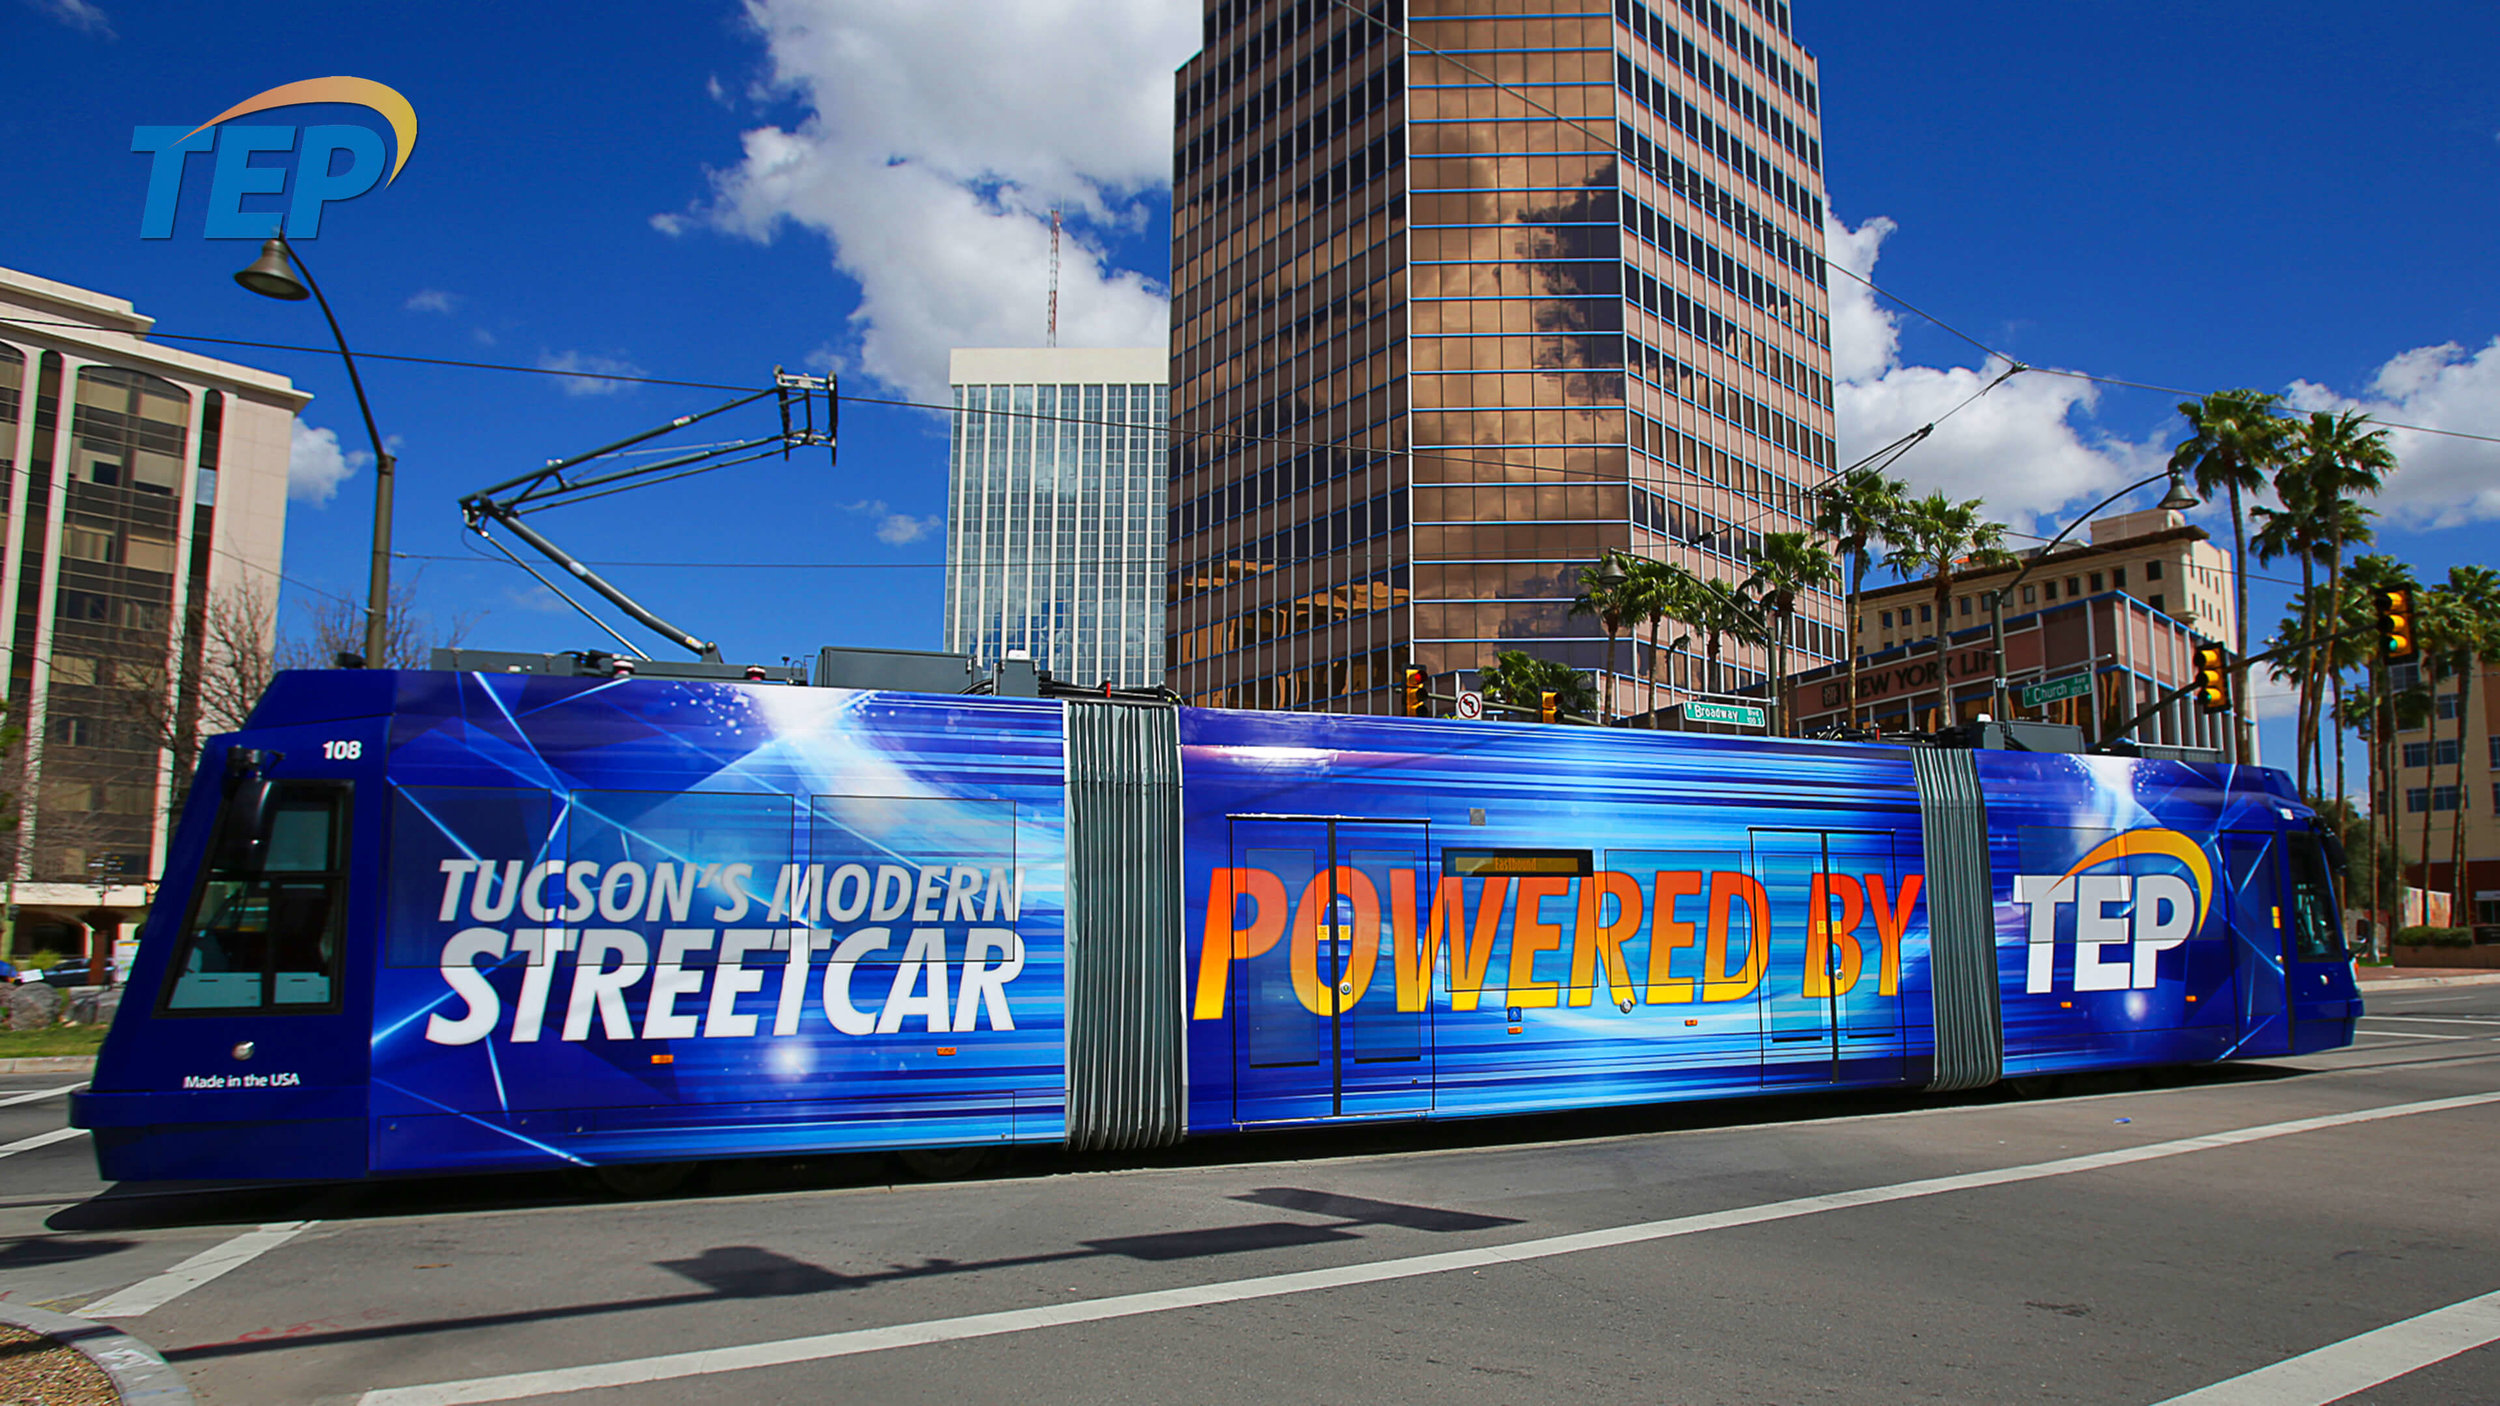 tep-streetcar-3840x2160.jpg